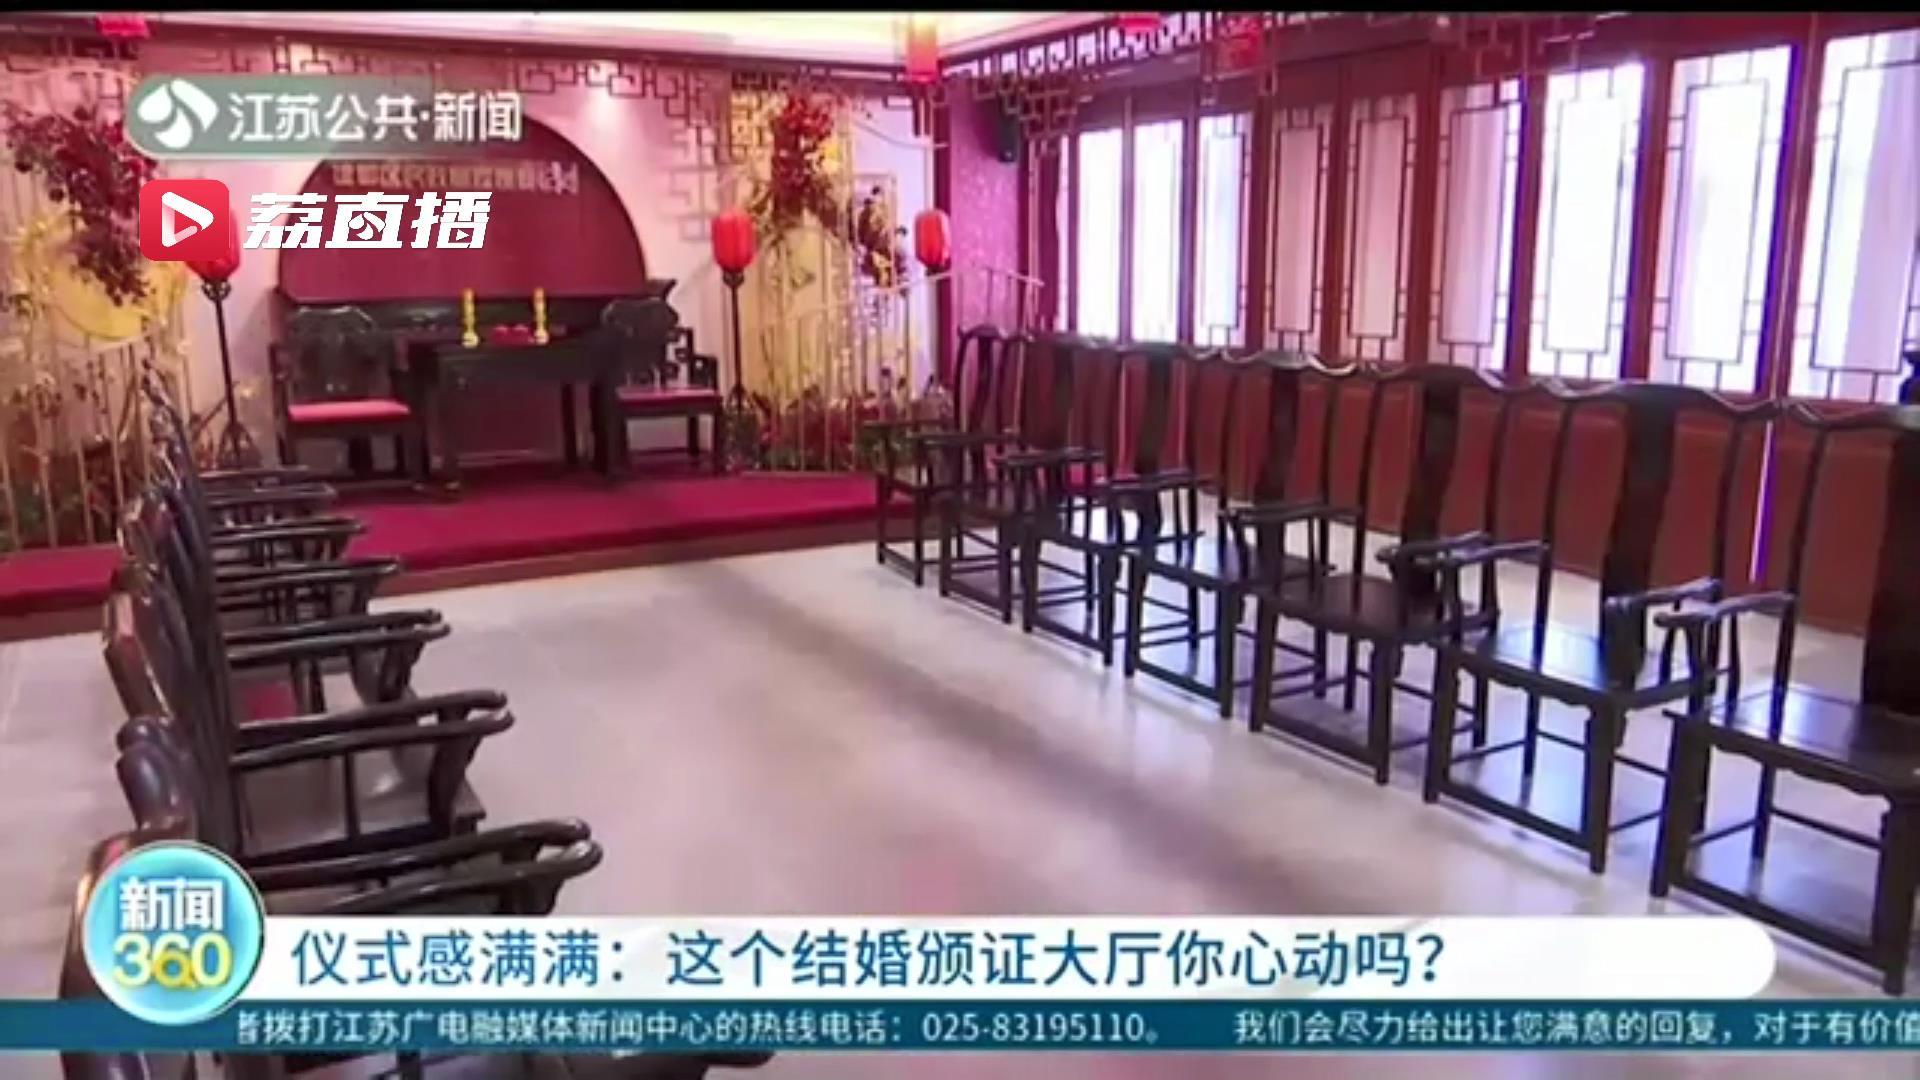 江苏最大婚姻登记处启用!中西风格任选、化妆间、文化馆…你心动了吗?